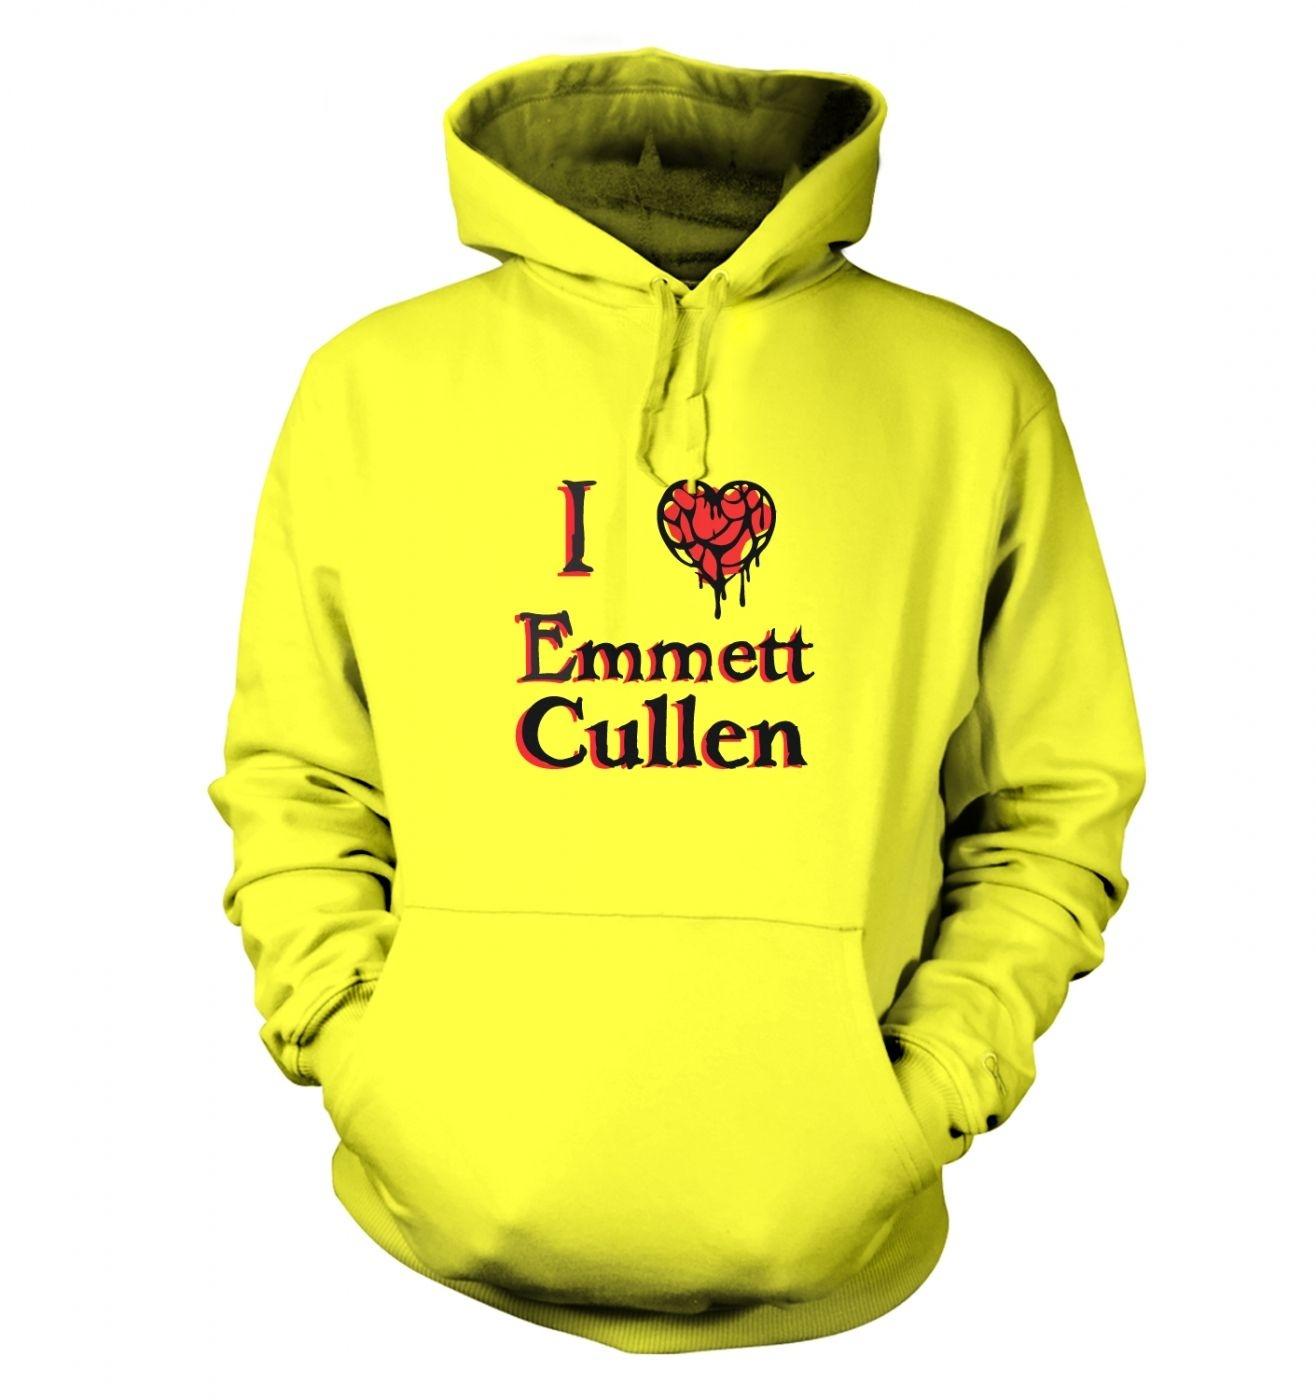 I heart Emmett Cullen hoodie - Inspired by Twilight